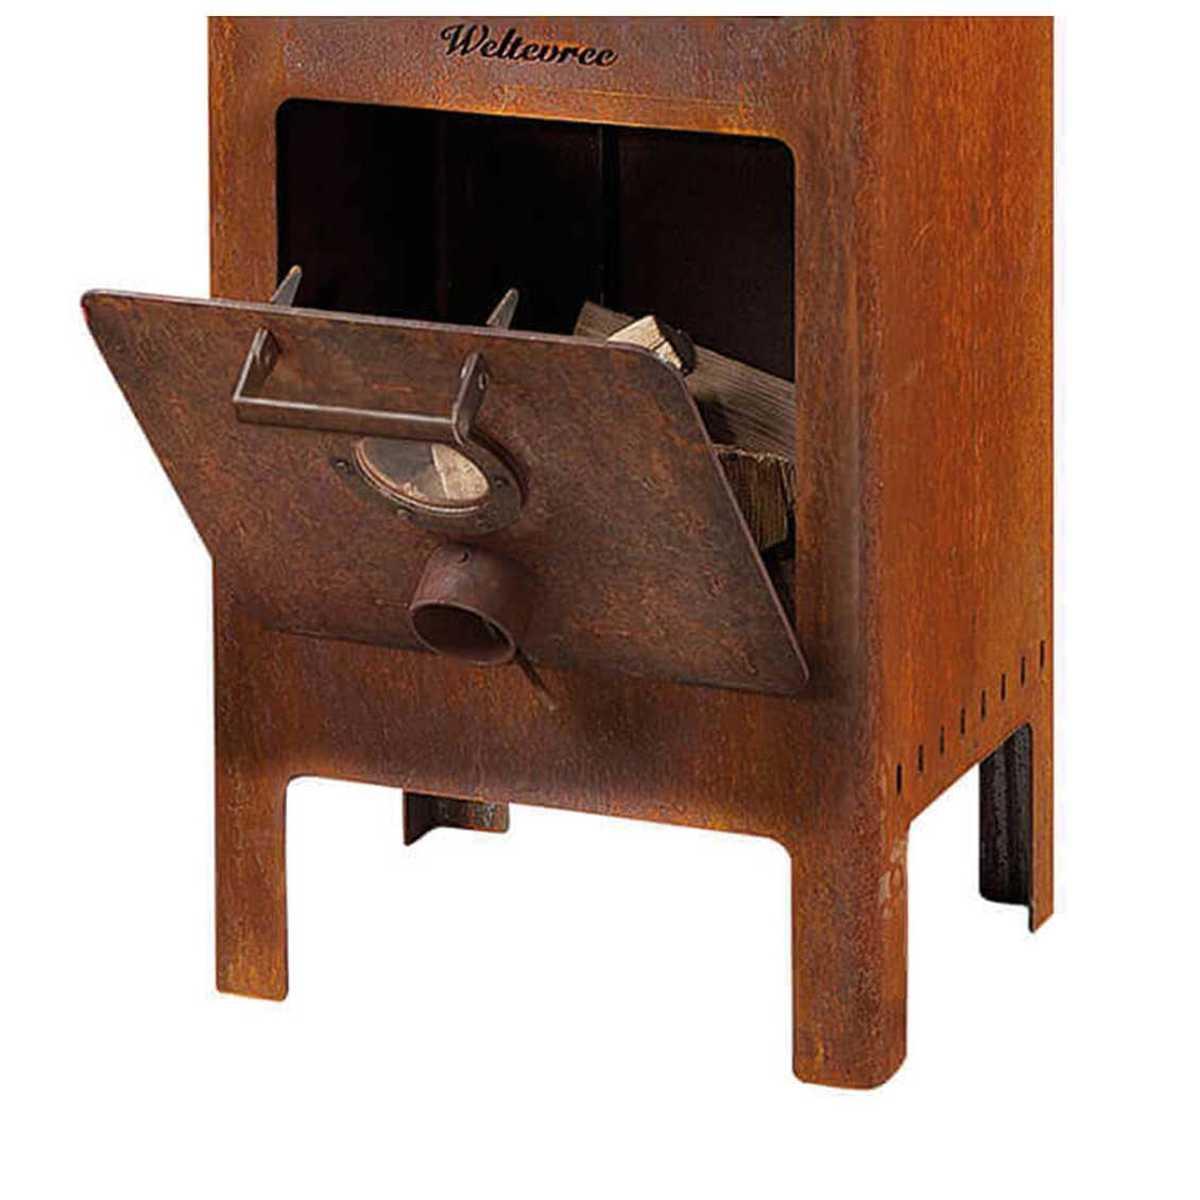 Outdoor Oven Deur kopen